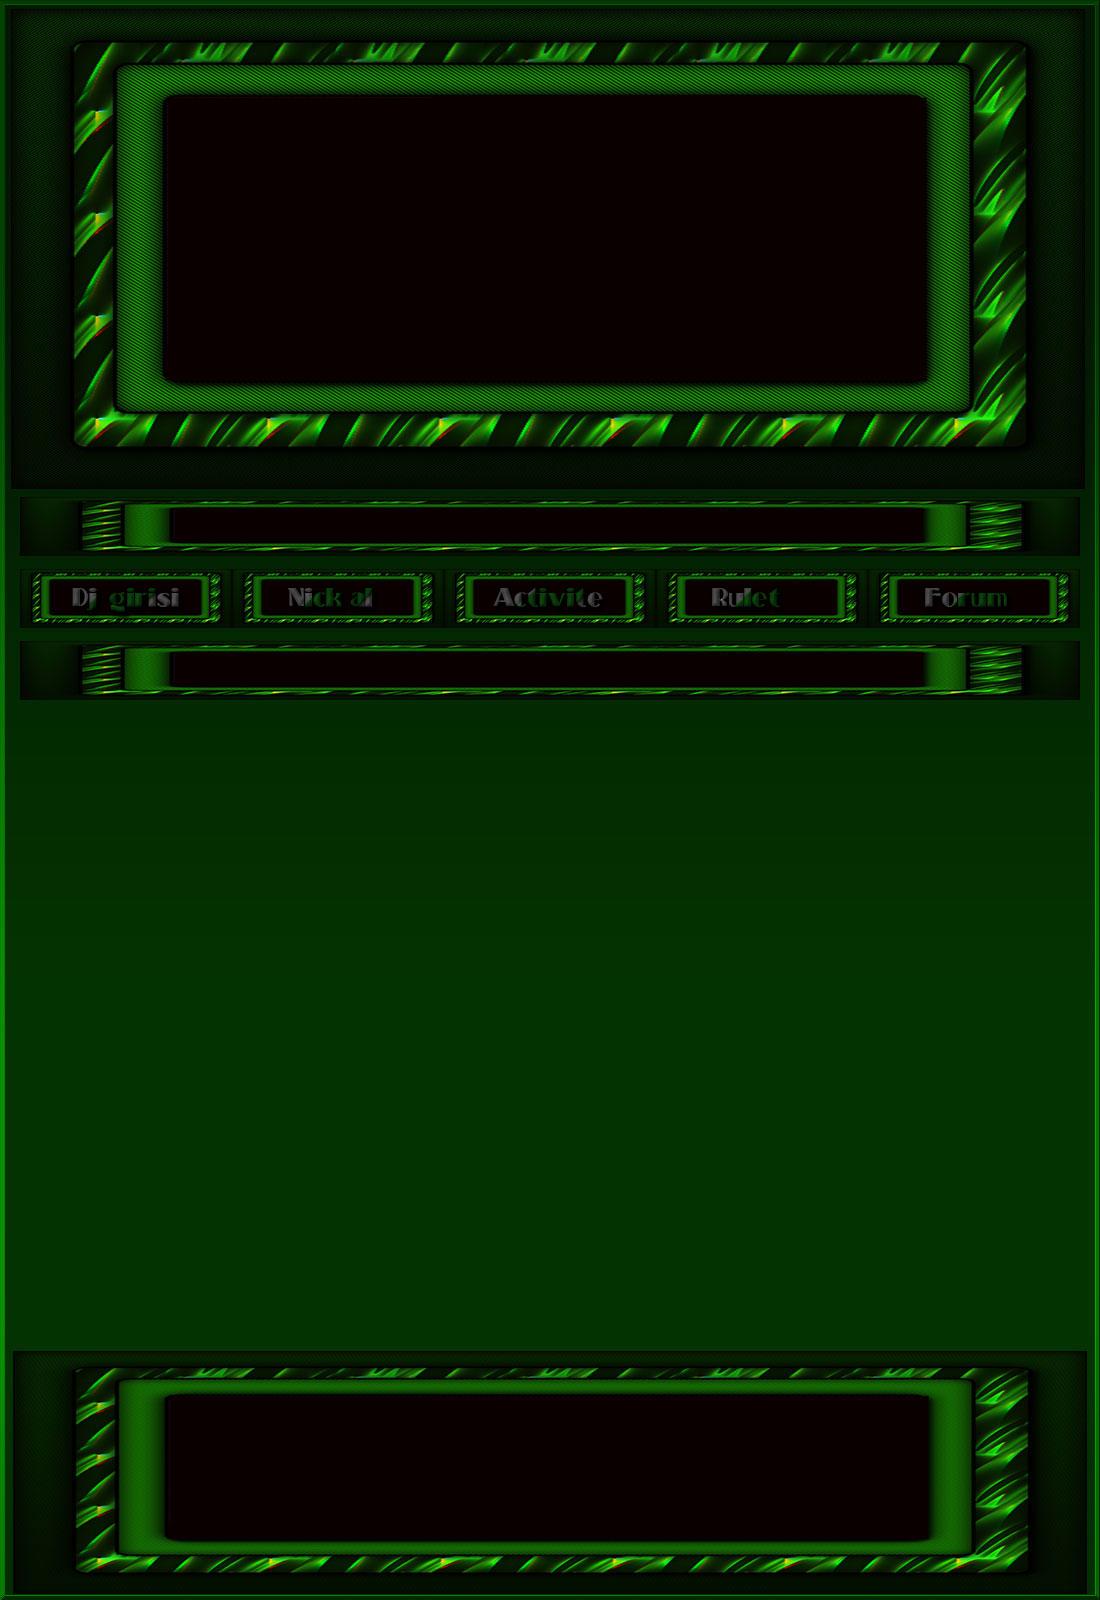 Flatcast Radyo ındex_ Yeşil vadi _